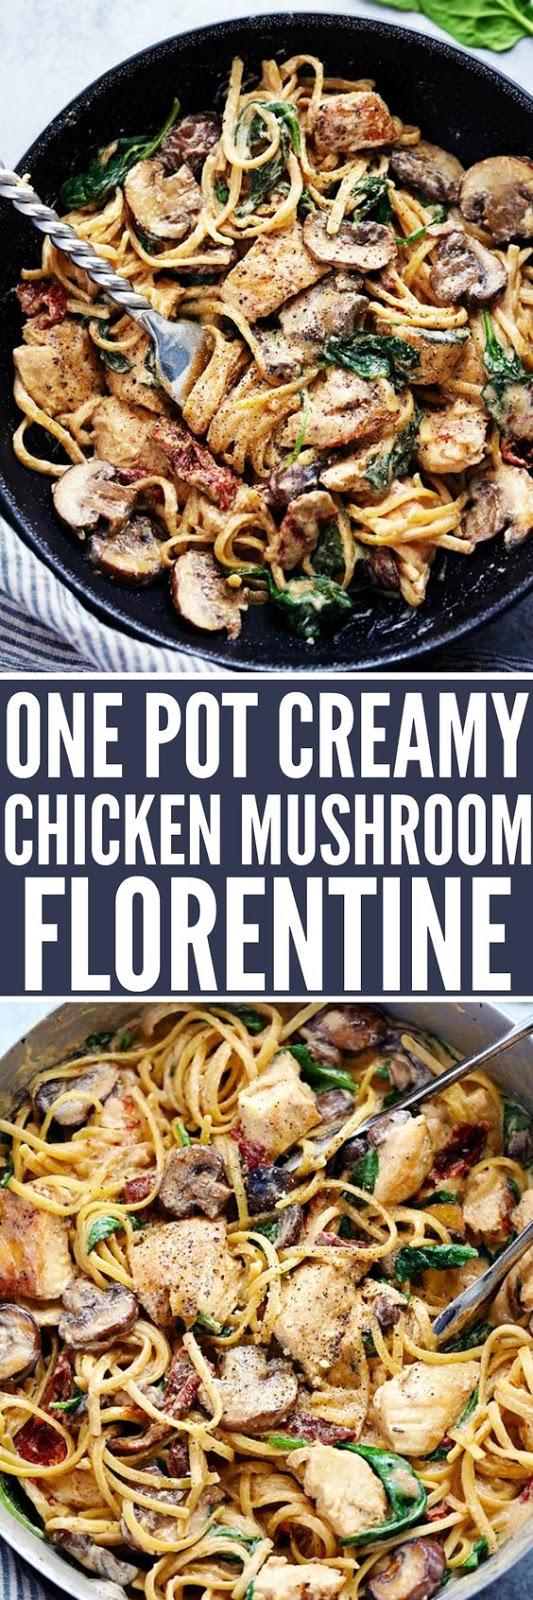 ONE POT CREAMY CHICKEN MUSHROOM FLORENTINE